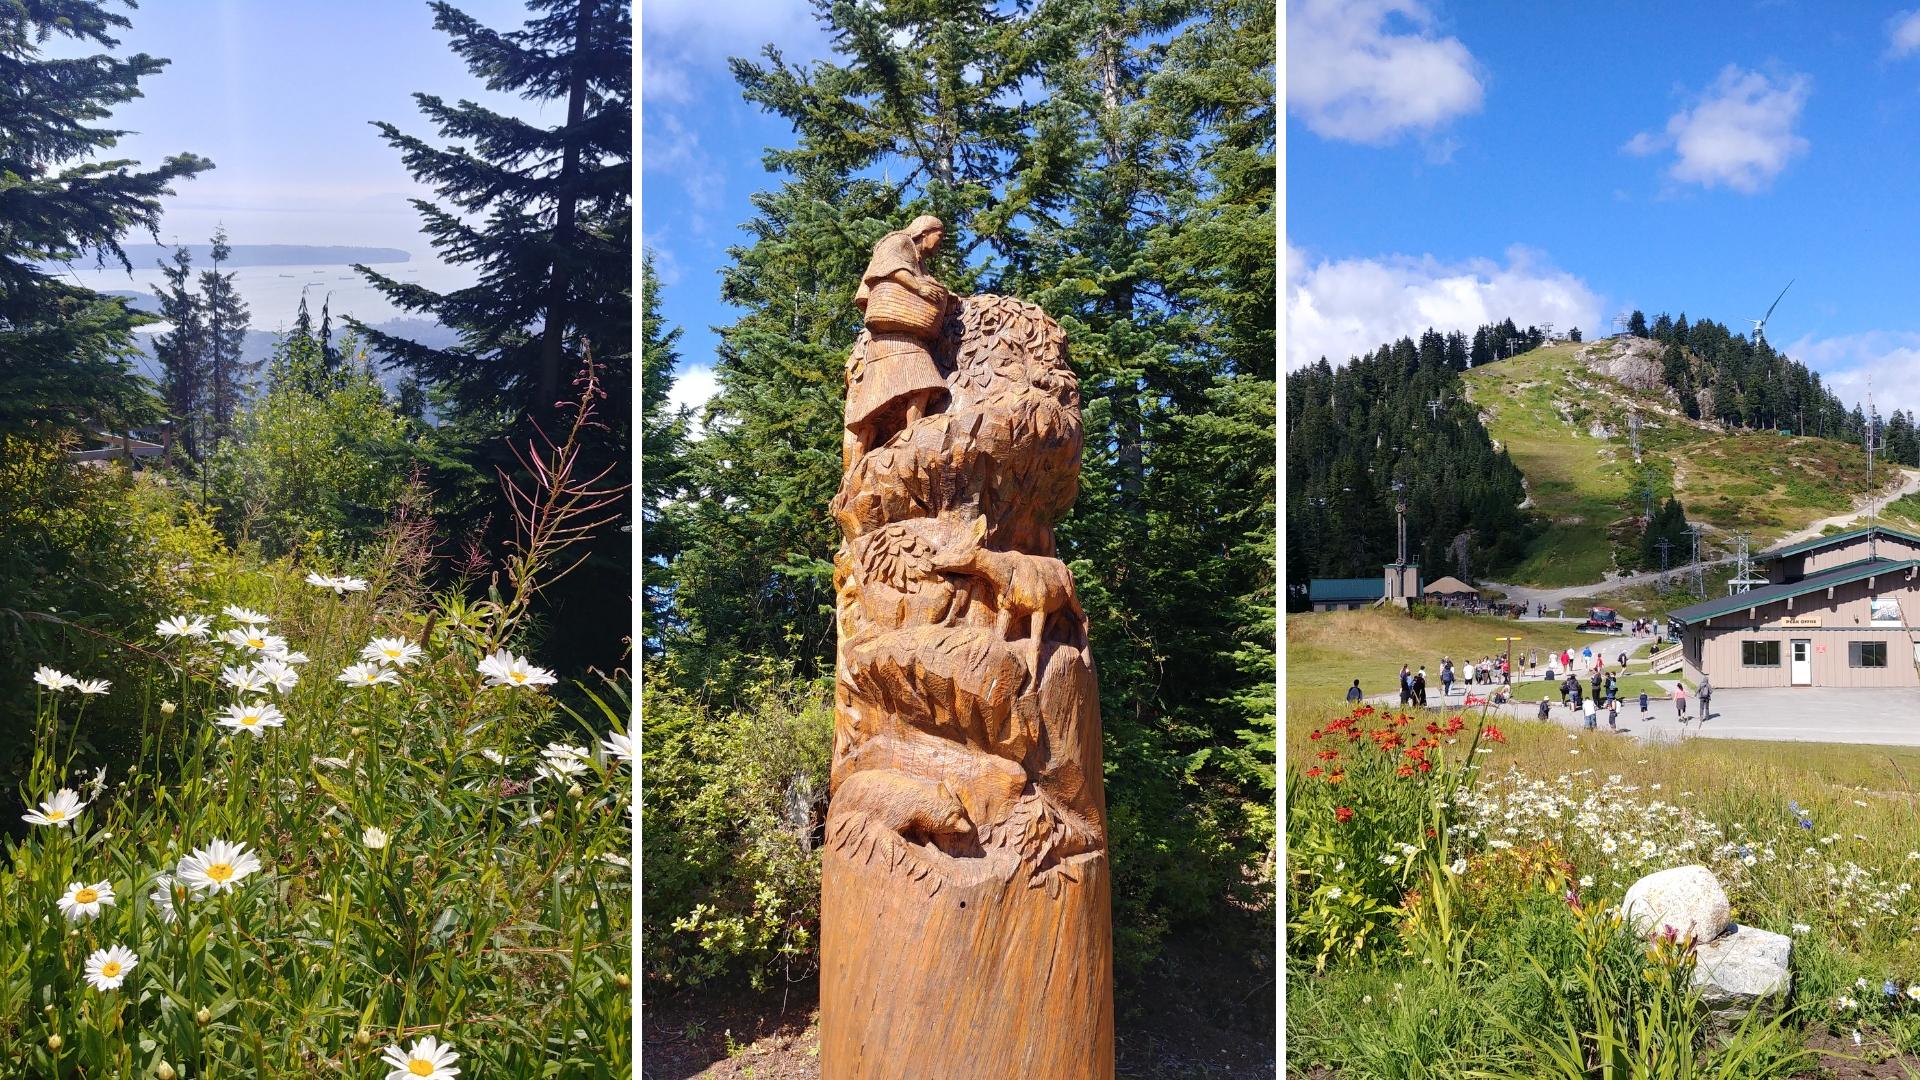 Vancouver grouse mountain randonnee blog voyage colombie-britannique canada arpenter le chemin